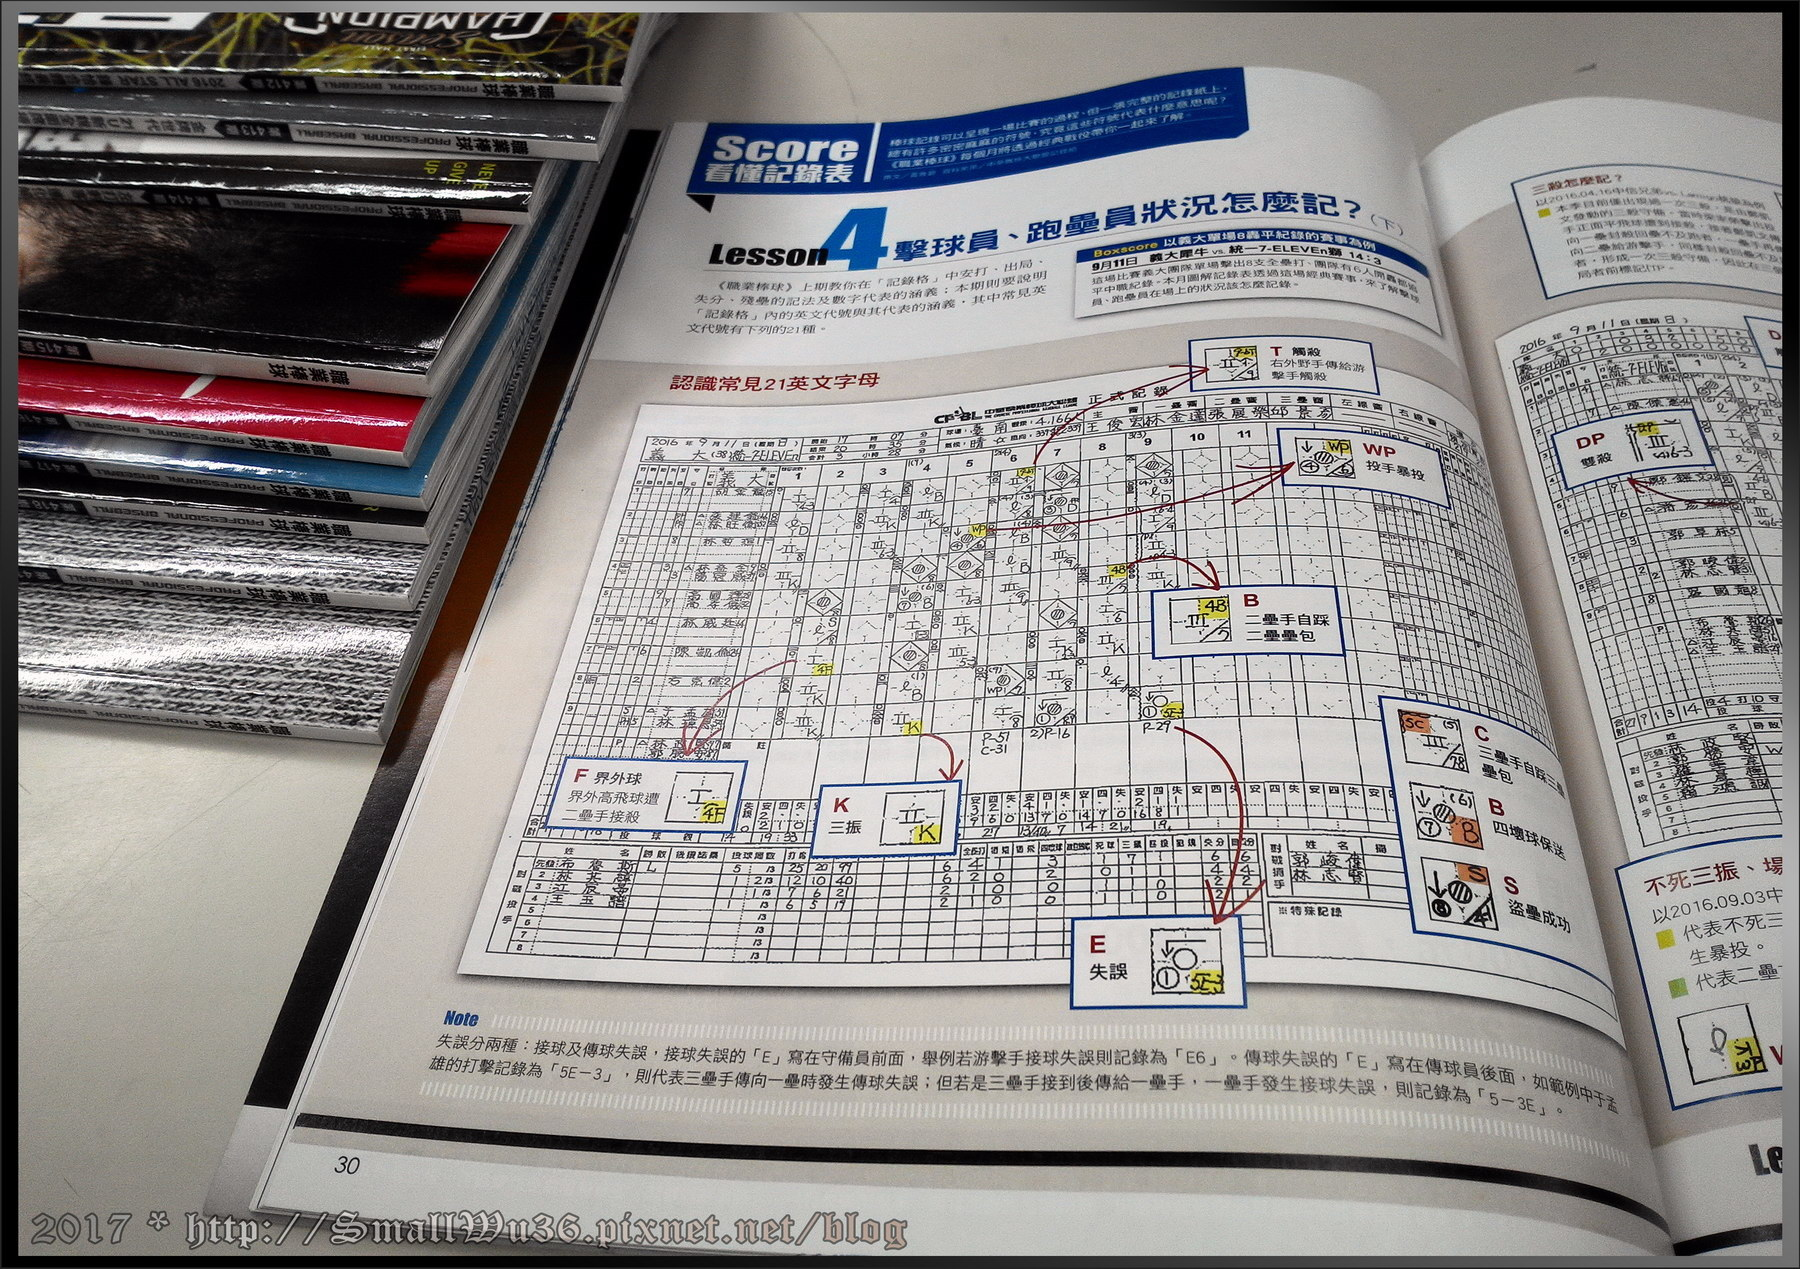 [中職雜誌] 職業棒球月刊 棒球紀錄法教學-002.jpg